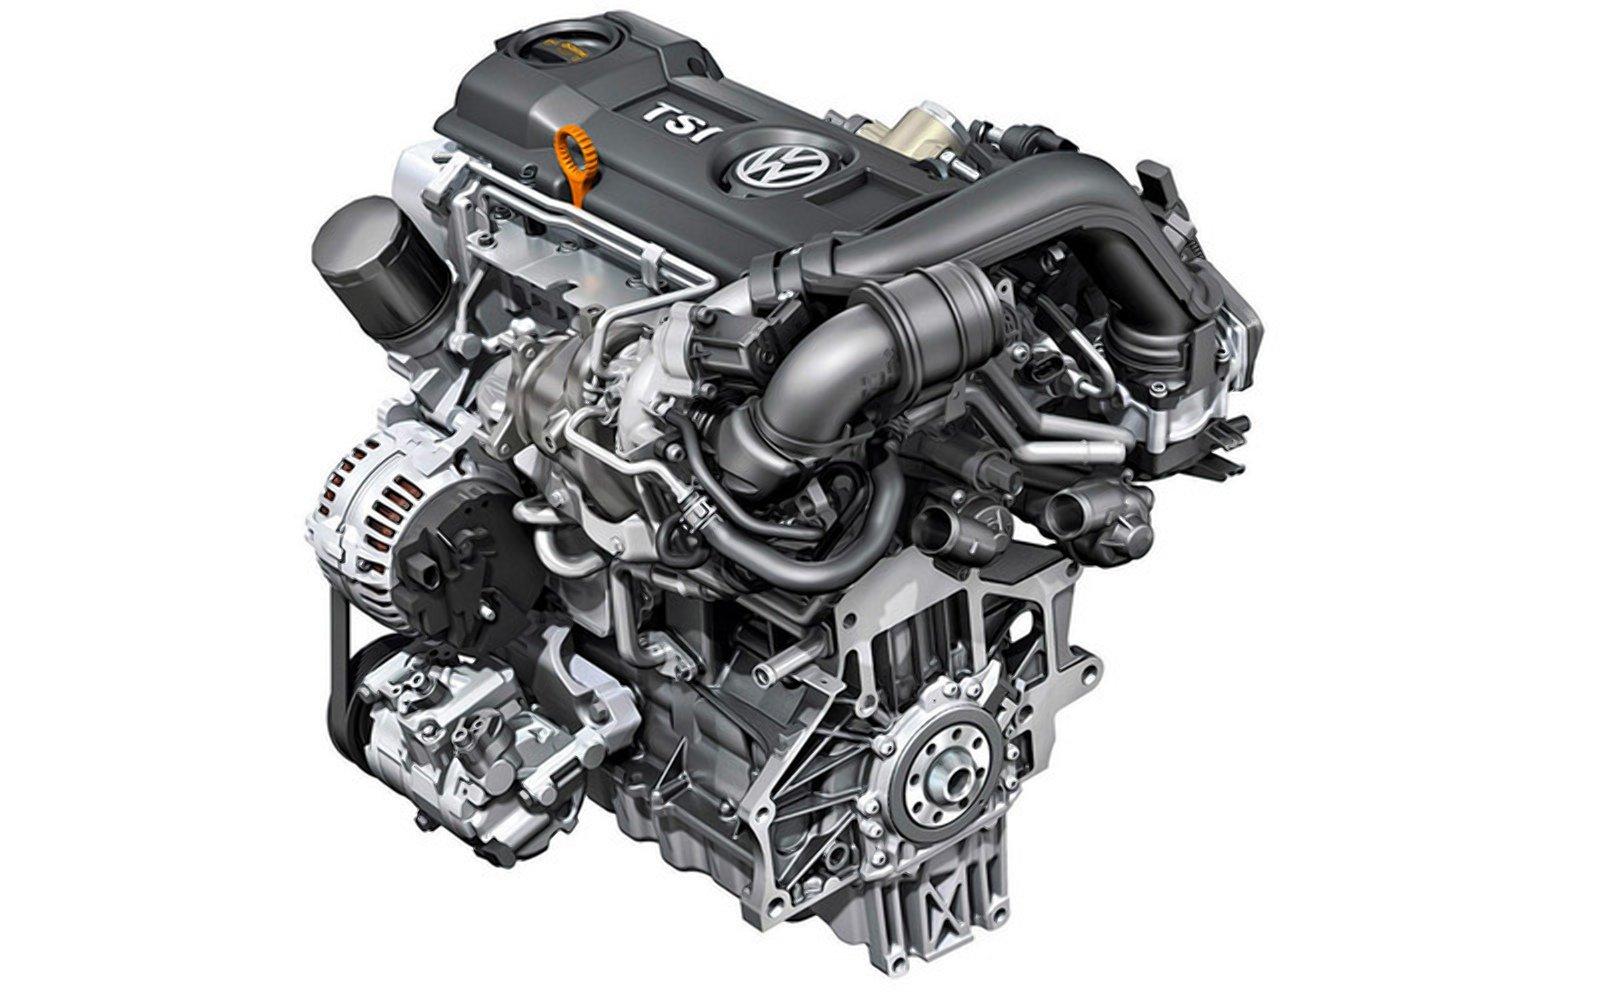 Названы главные проблемы турбодвигателей